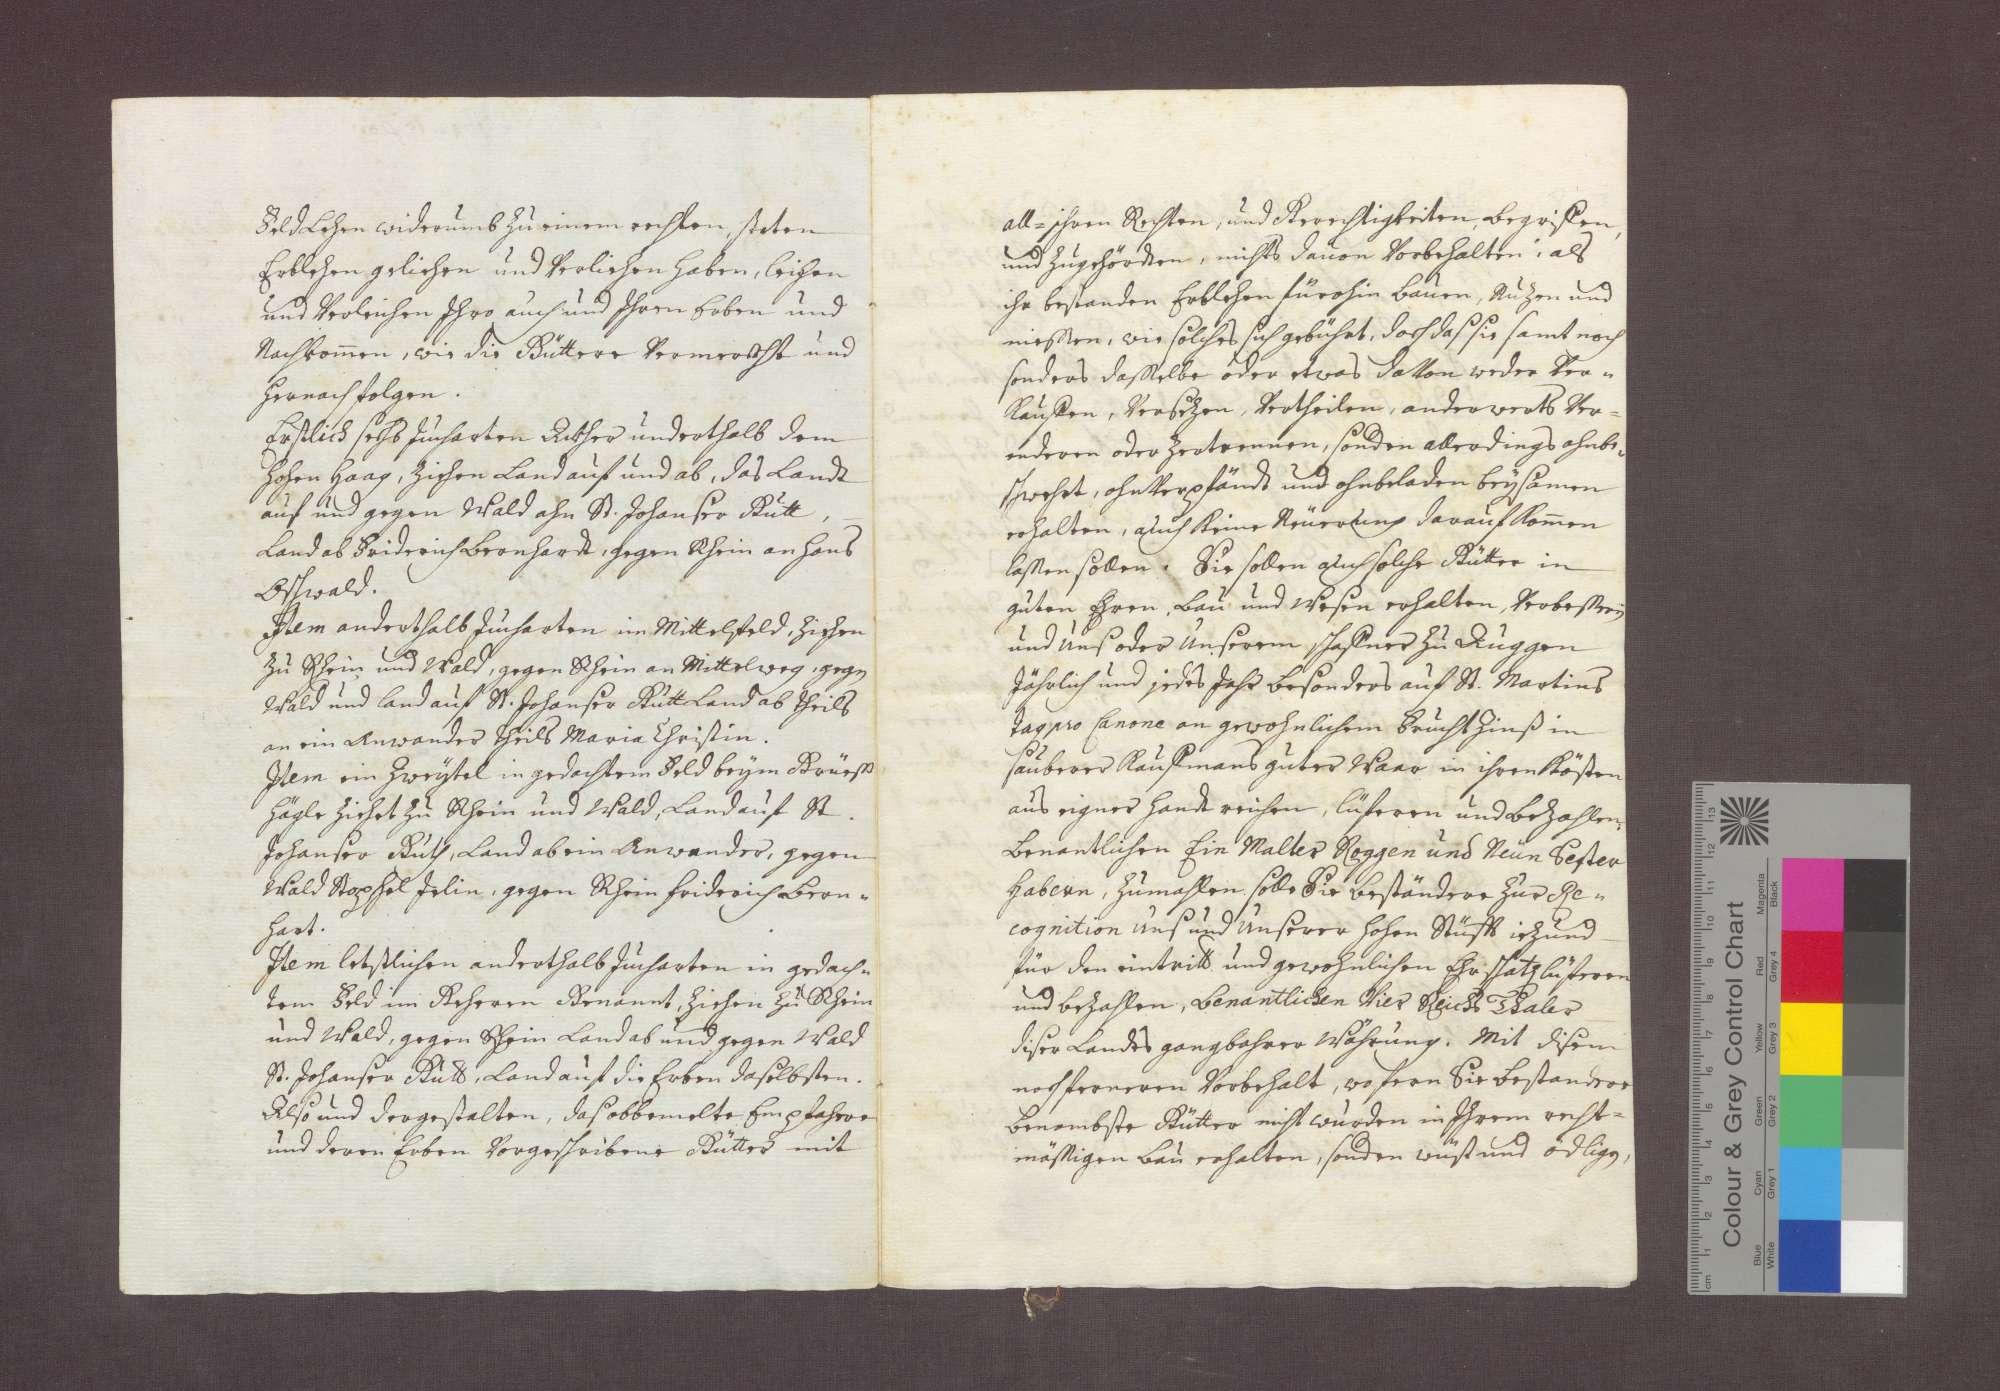 Lehnrevers des Franz Anton Blanck gegenüber dem Basler Domkapitel über ein Gut zu Steinenstadt., Bild 2